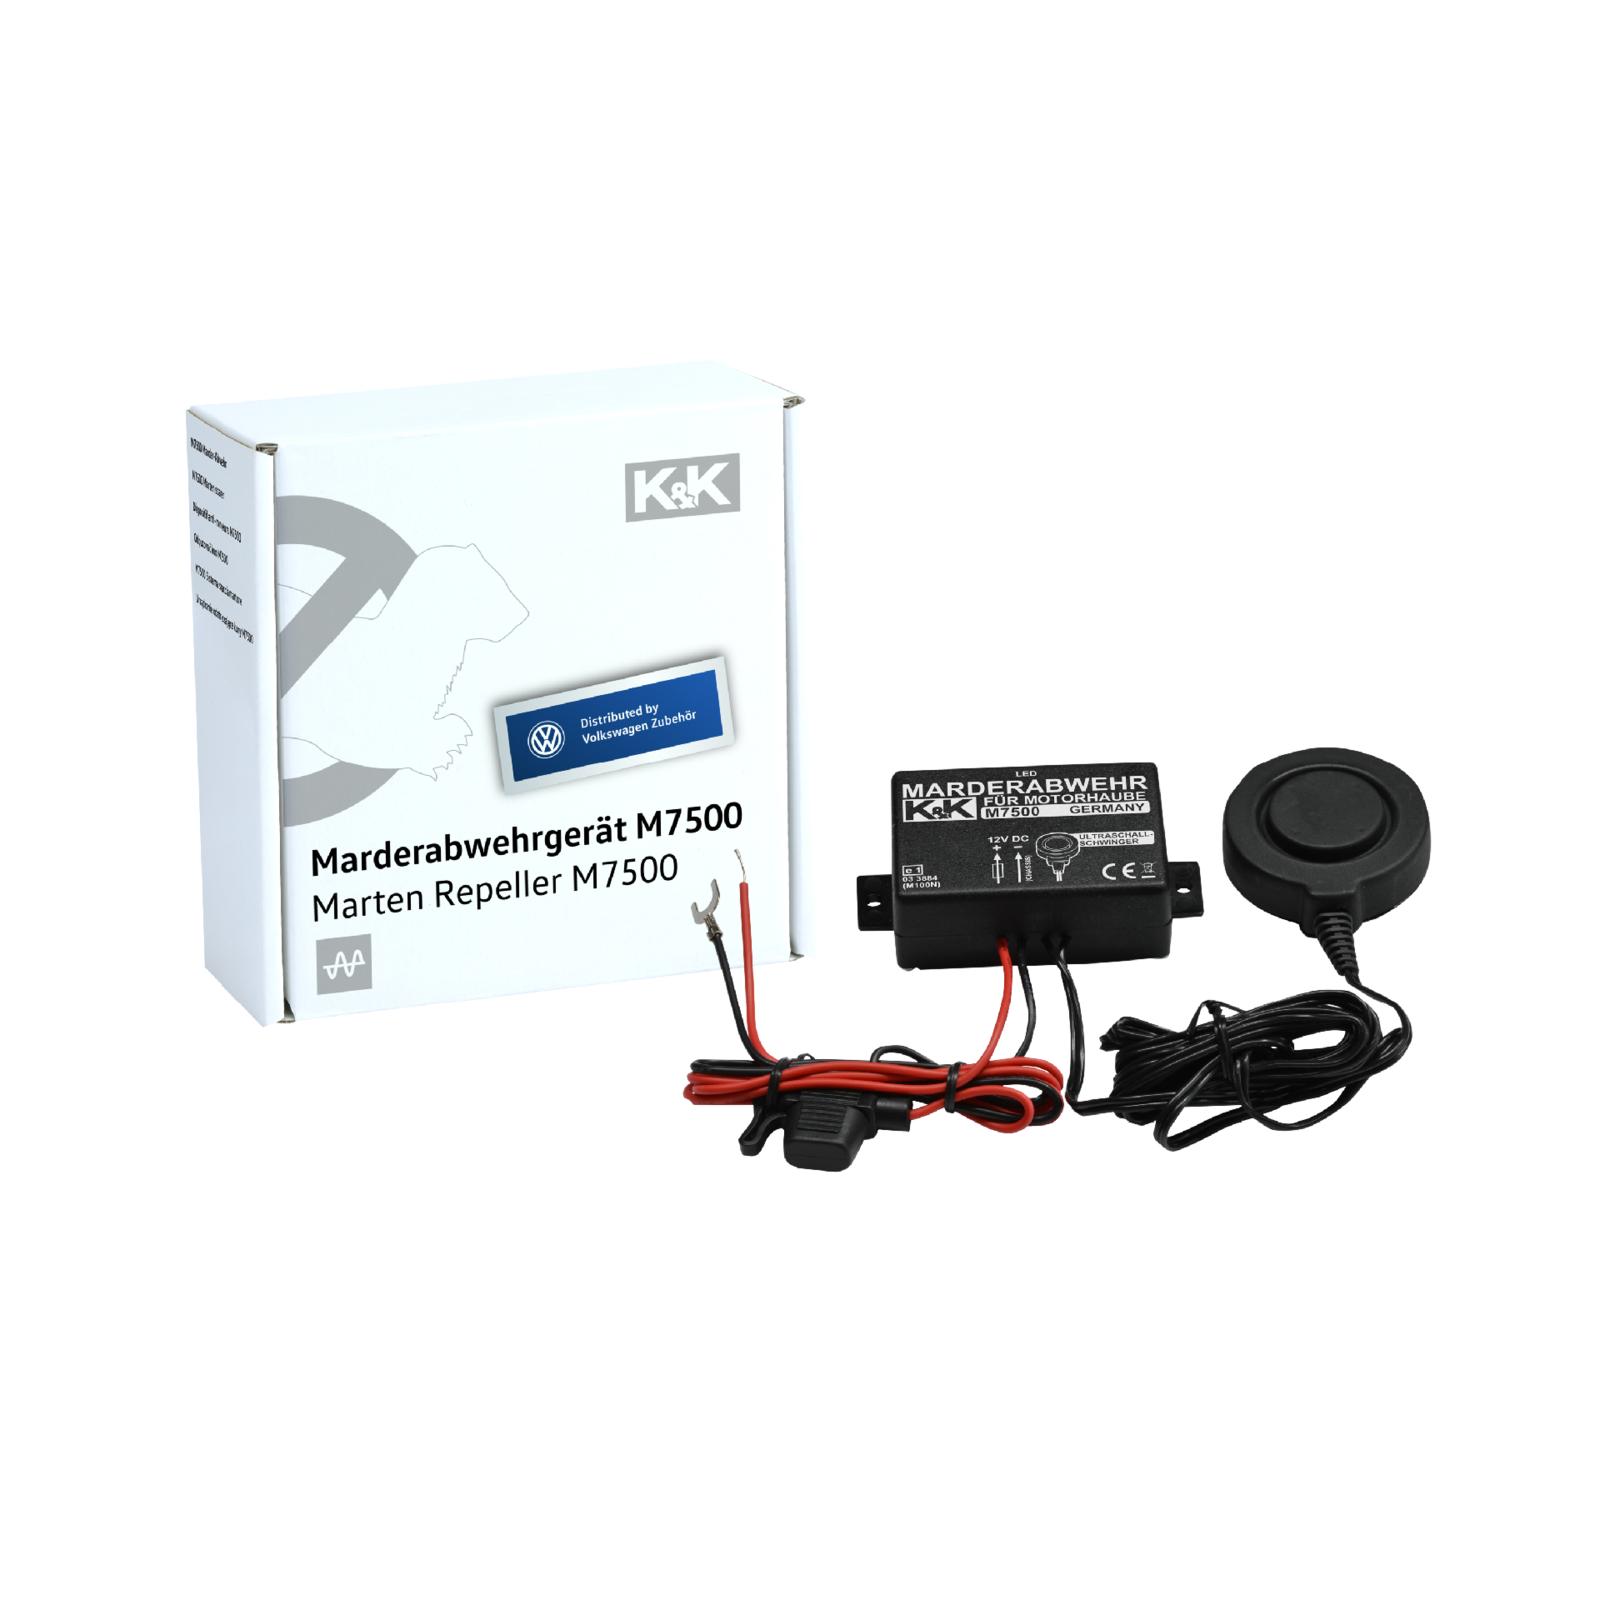 K&K Marderschutz Marderabwehr M7500 Ultraschallgerät 23 kHz 110 dB(A) 000054650H